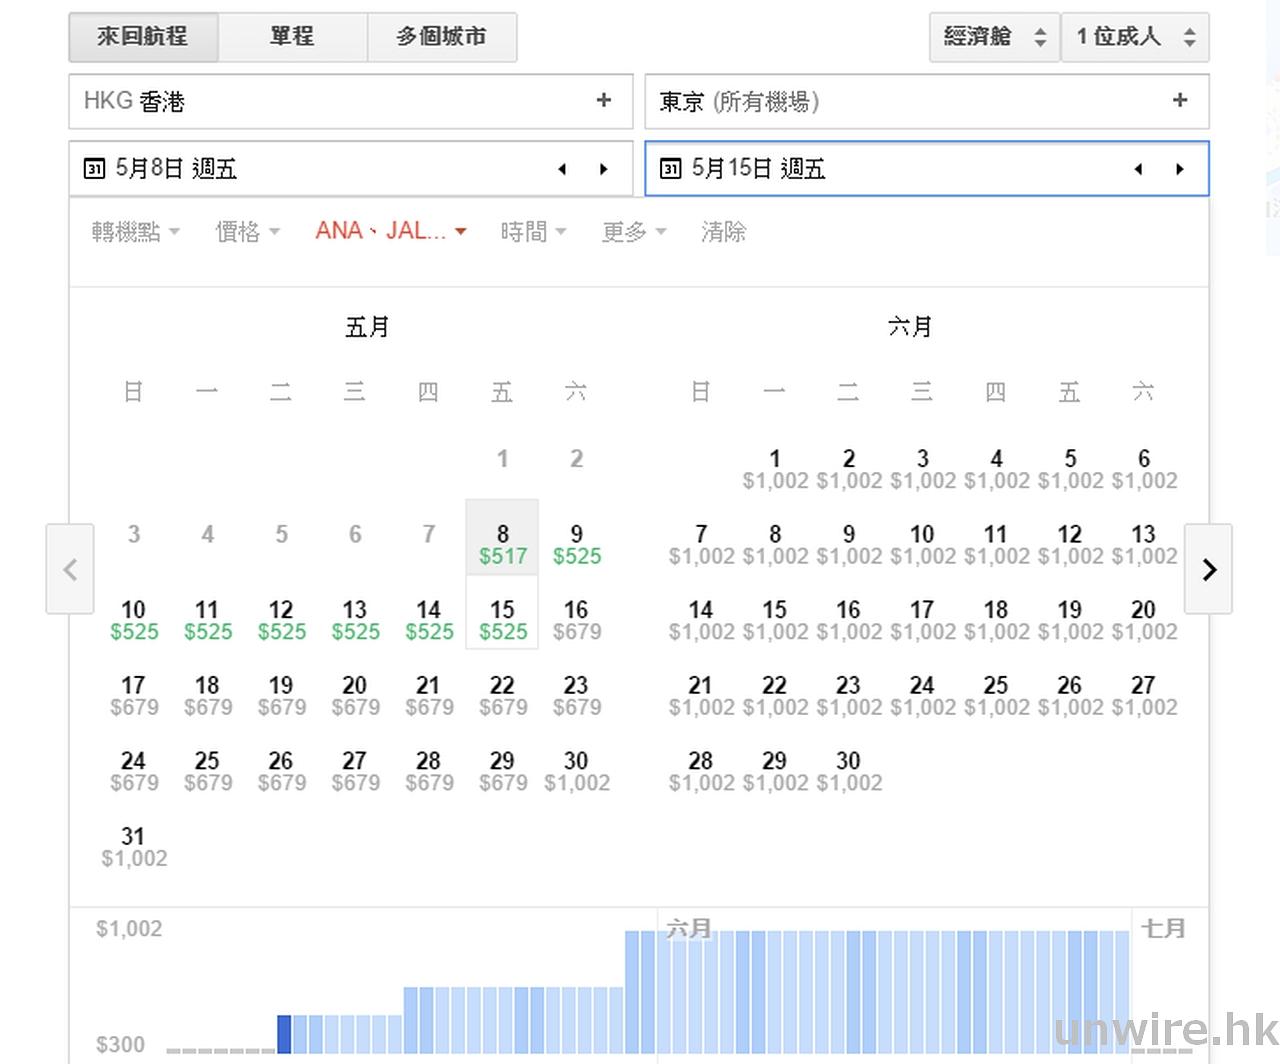 超快搵到最低價機票,3 招簡單用 Google Flight Search 航班搜尋